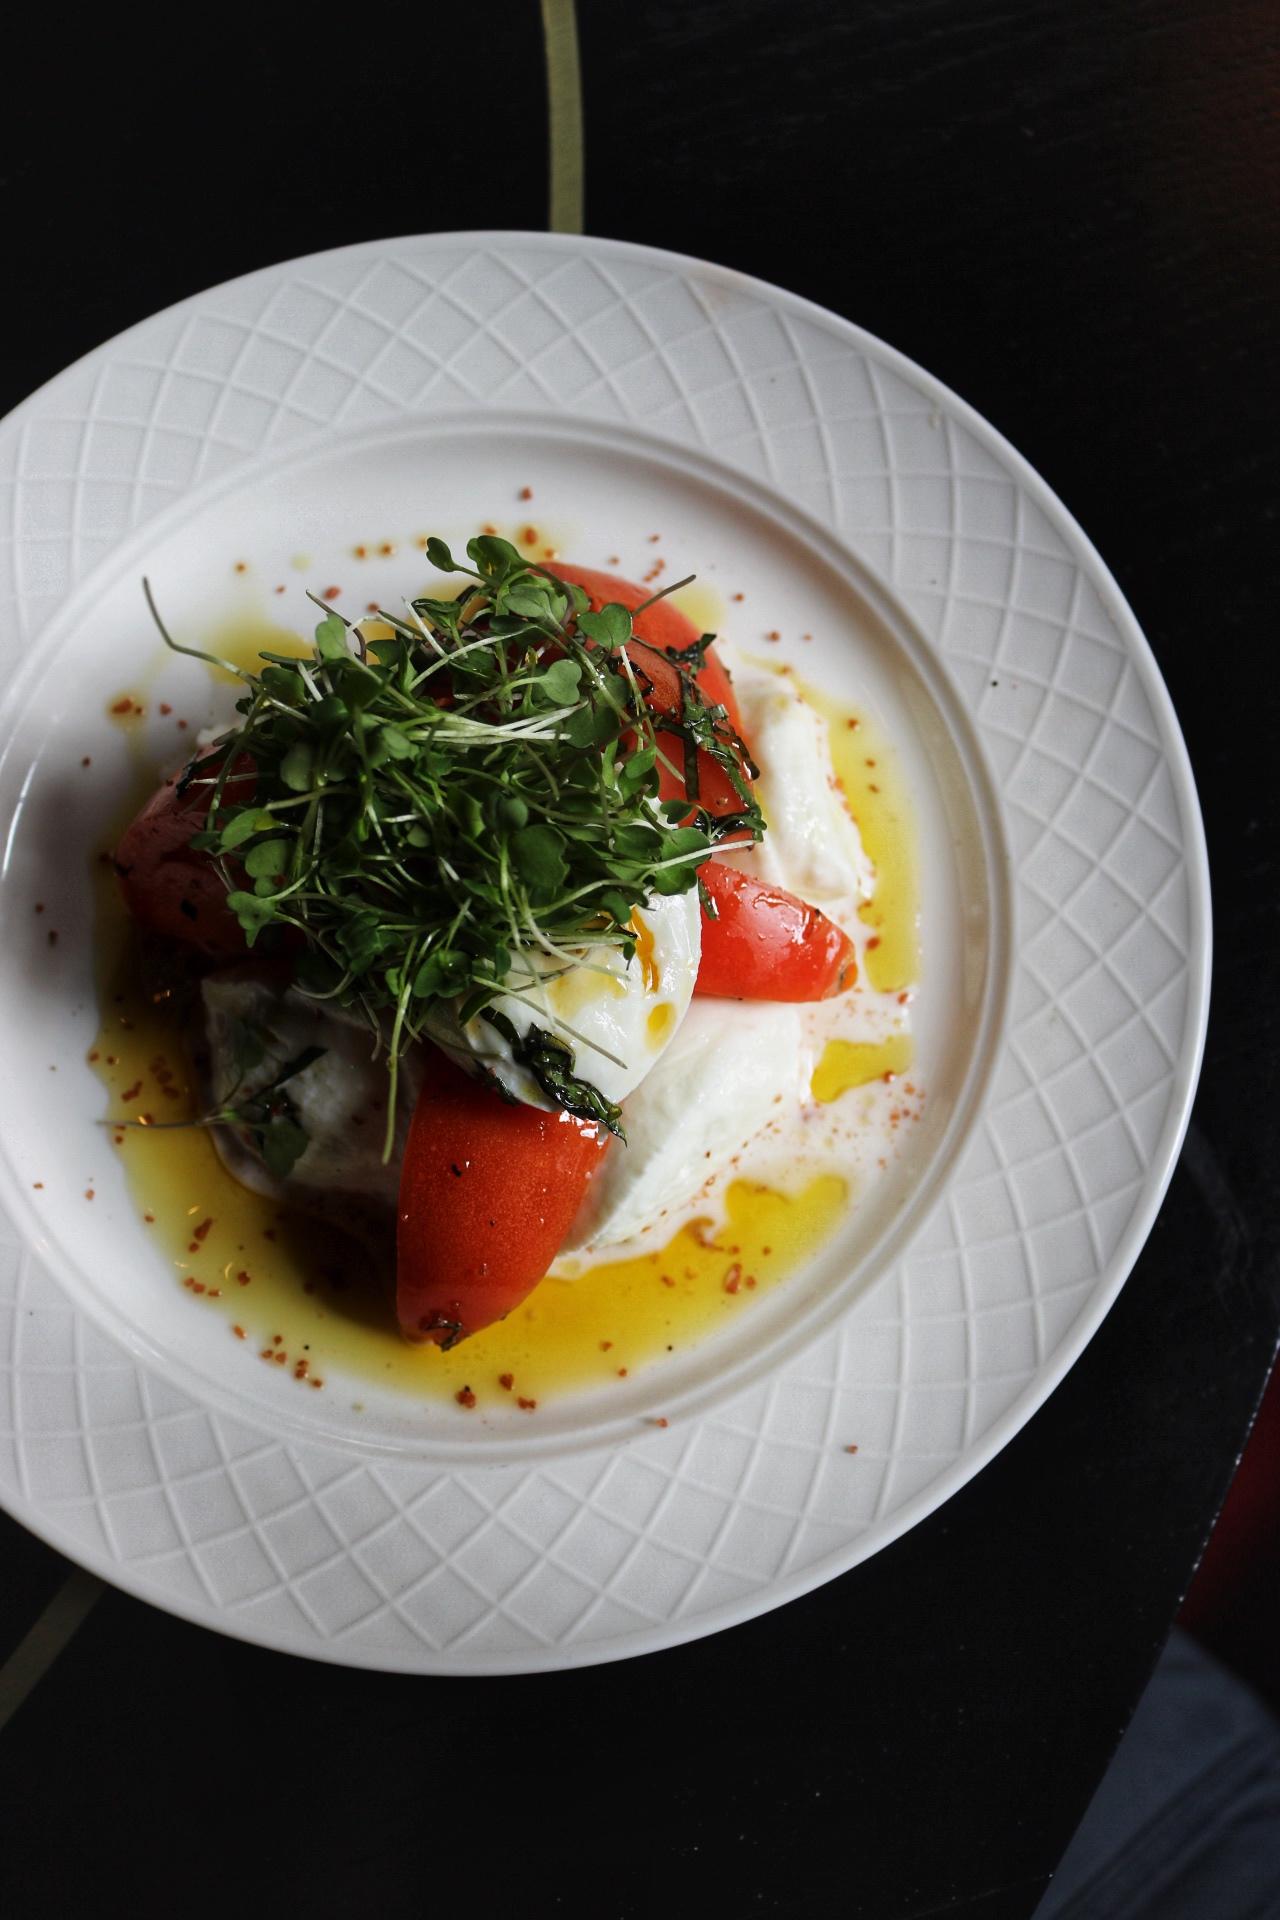 Buffalo Mozzarella & Tomato Harrys nyc